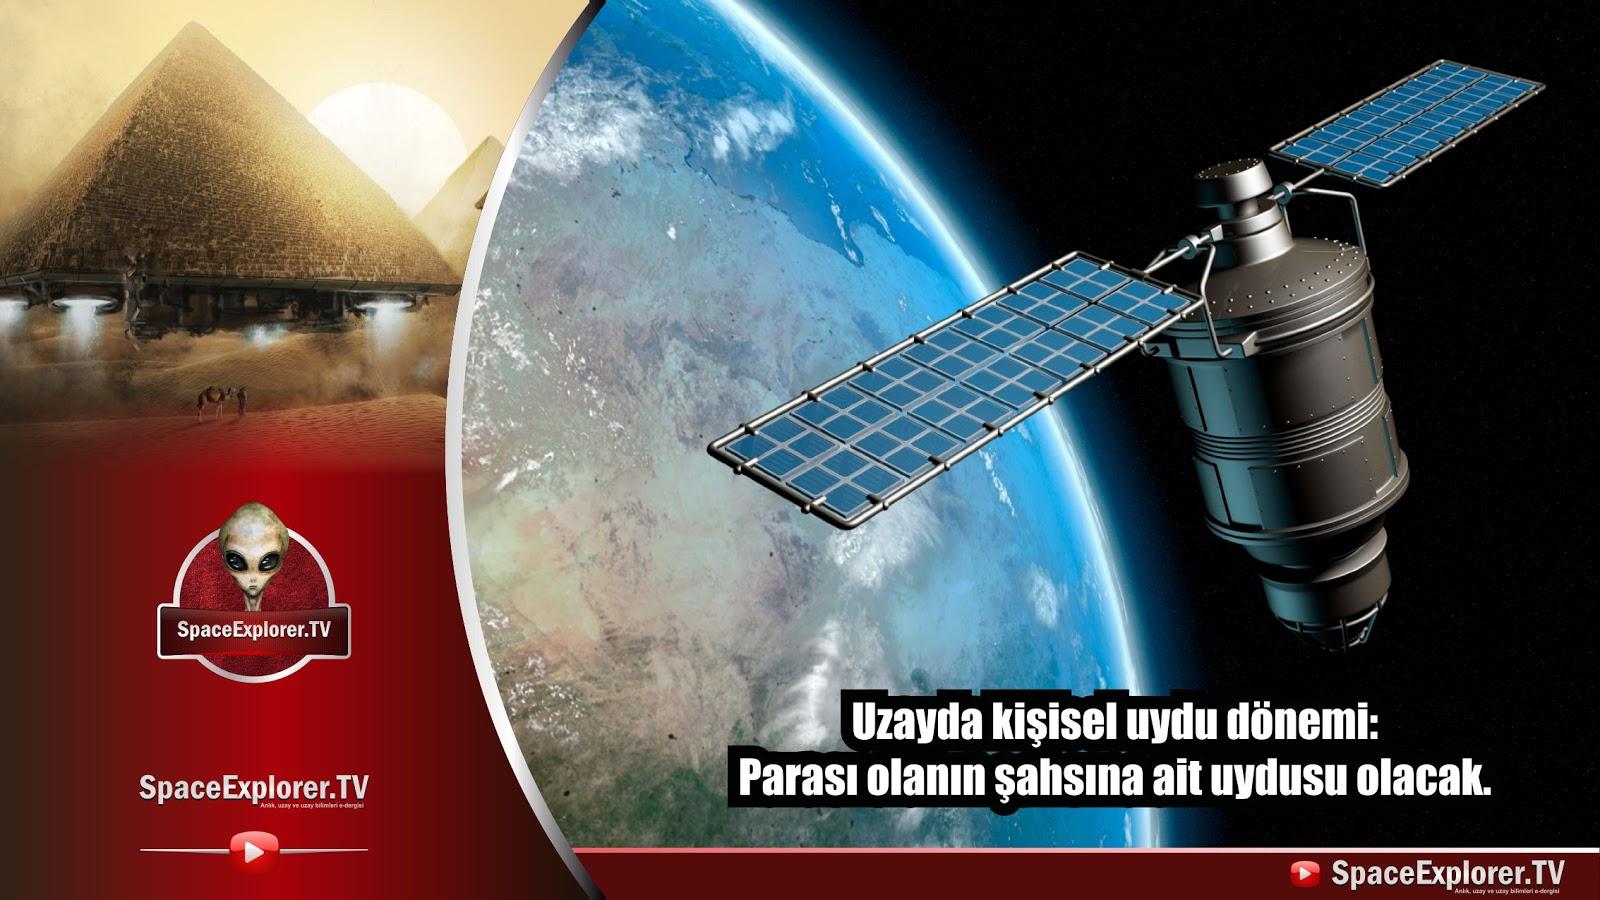 Mini uydu, Uydu, Yapay uydular, Uzaycılık, Sivil uzaycılık,